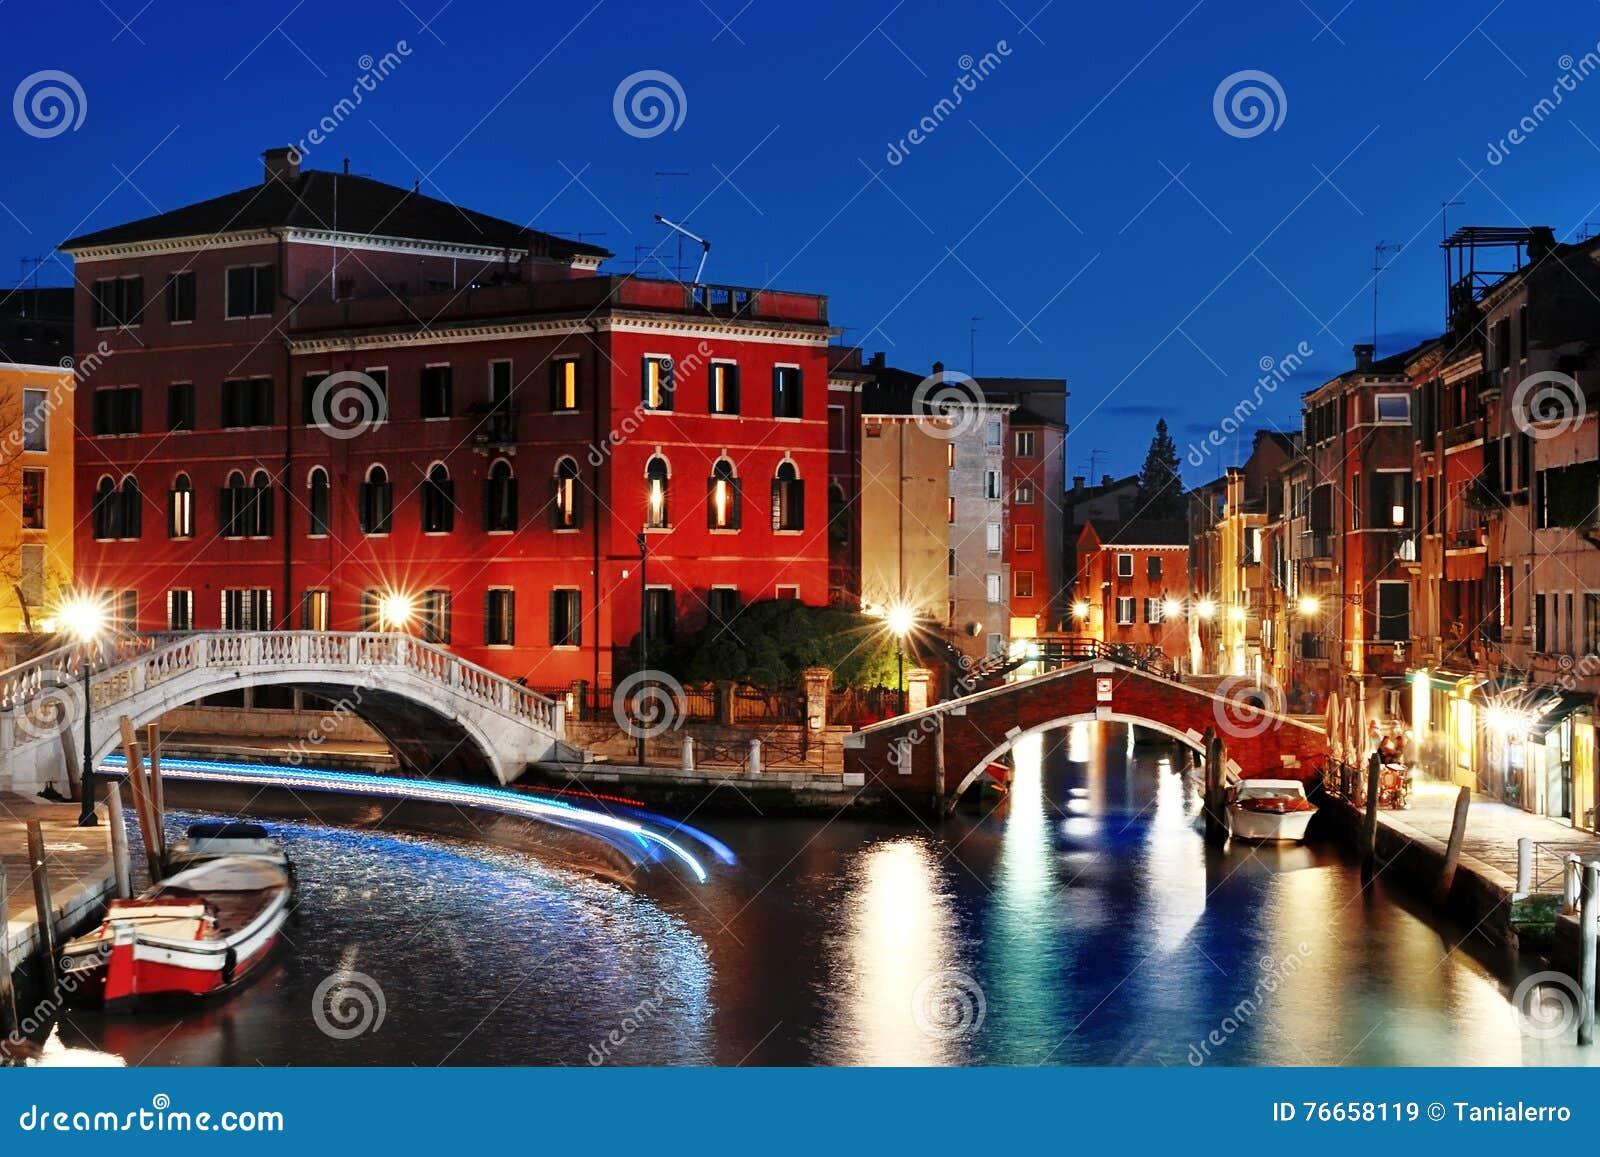 Venise par nuit, belle vue scénique, Venezia, Italie